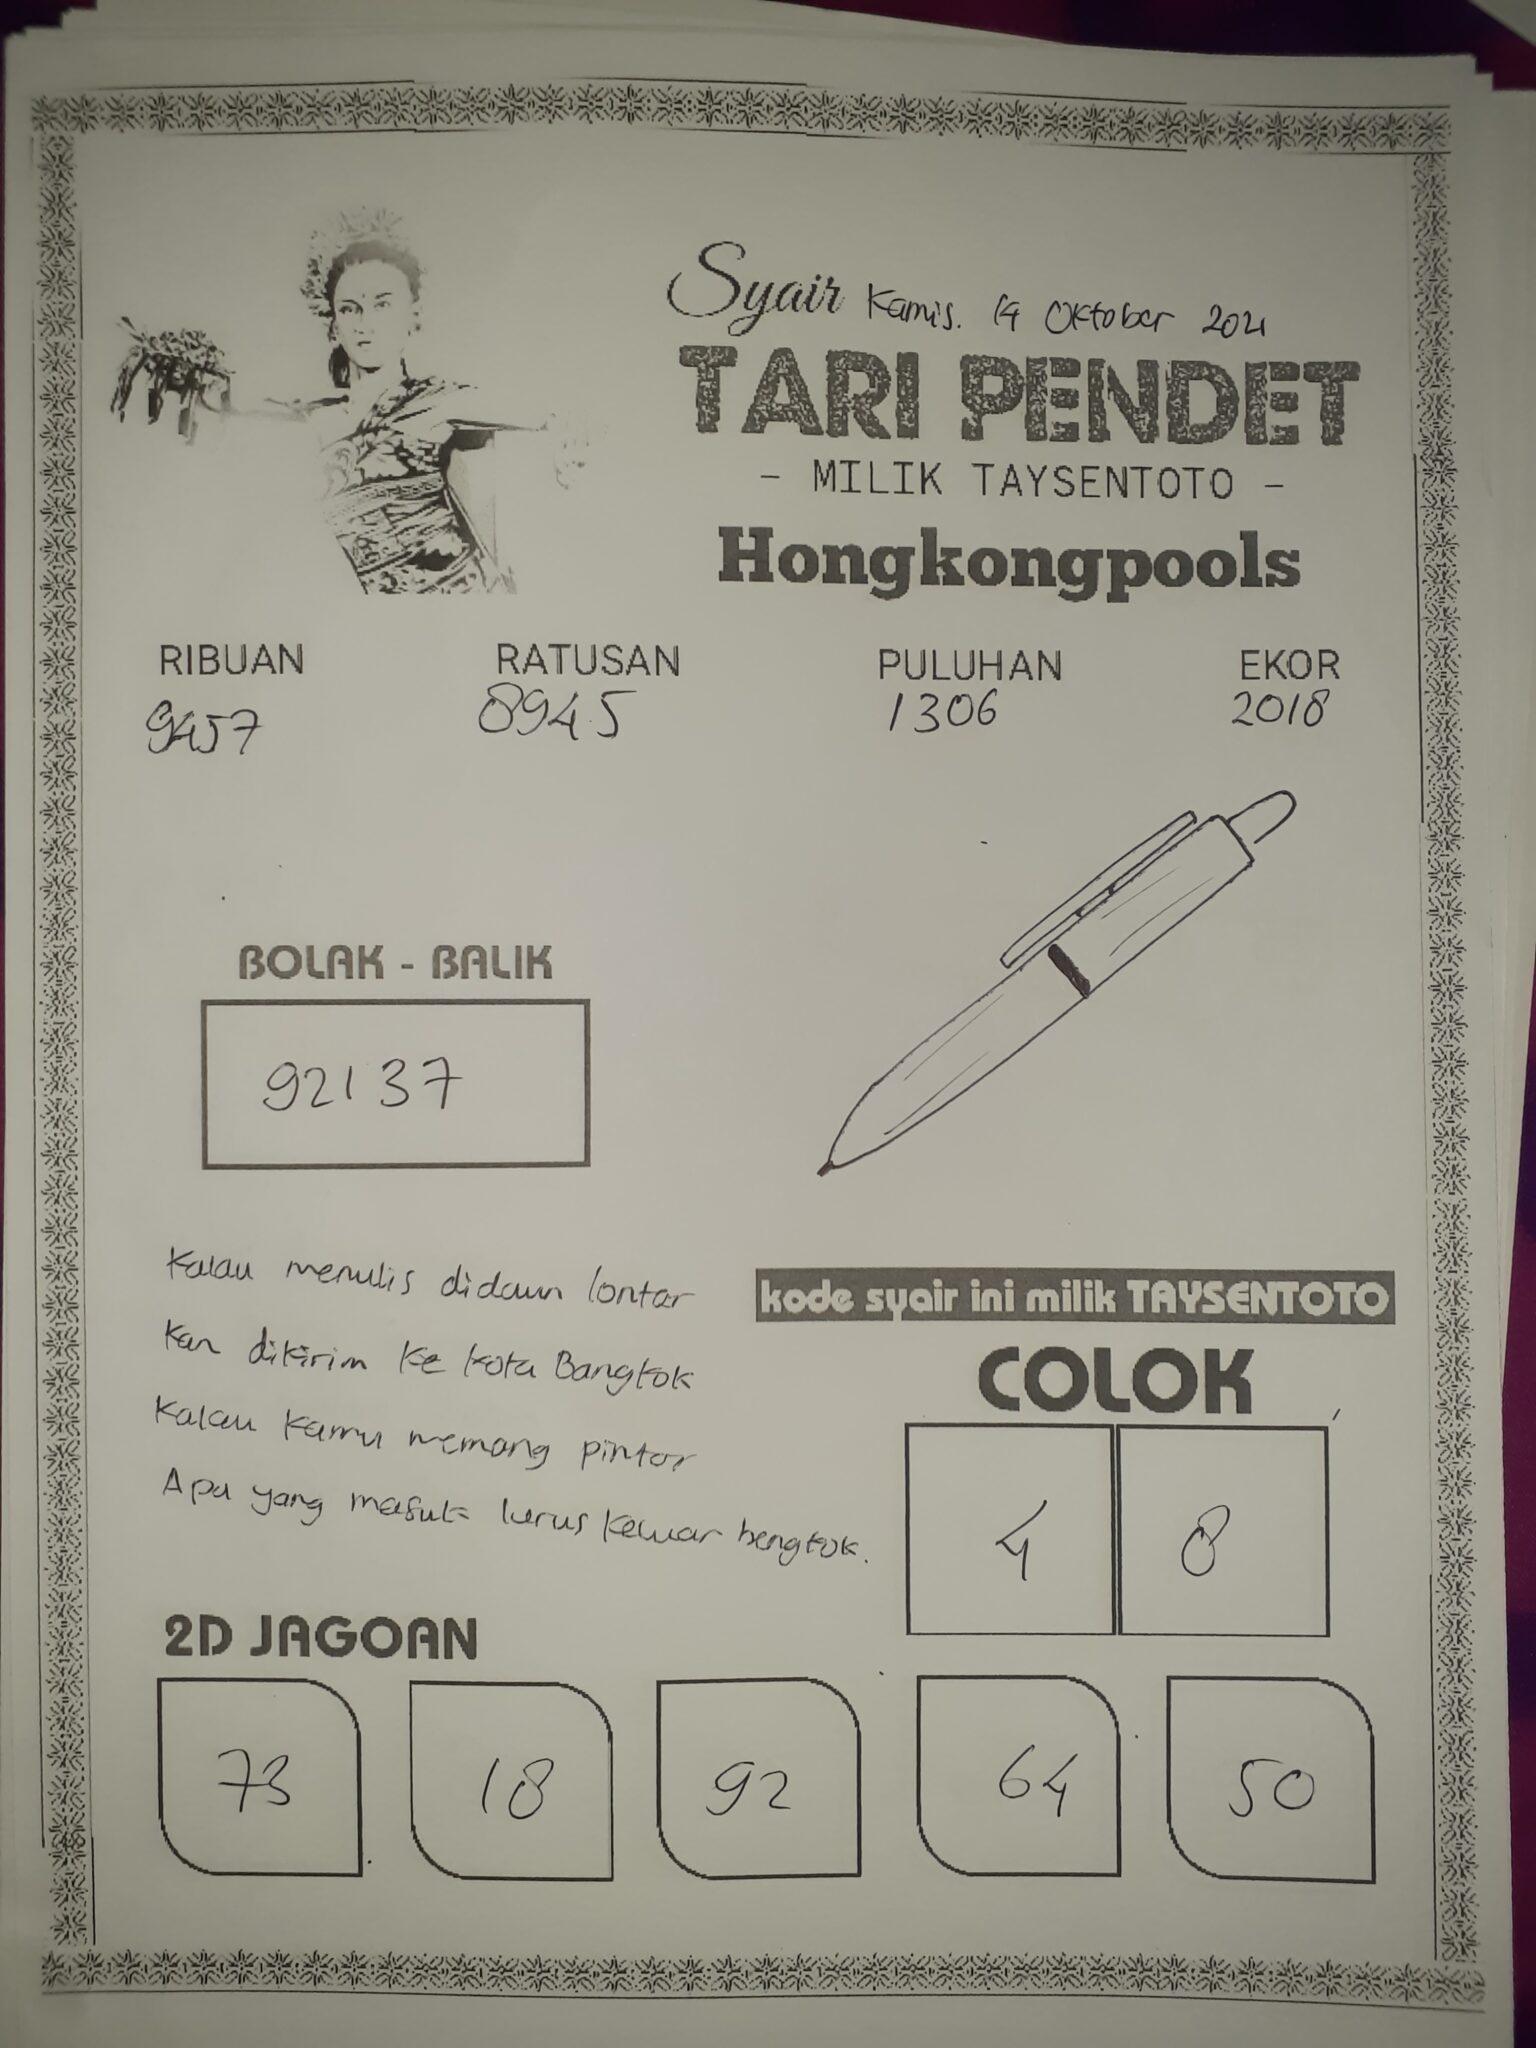 HK-TARIAN-1536x2048.jpg